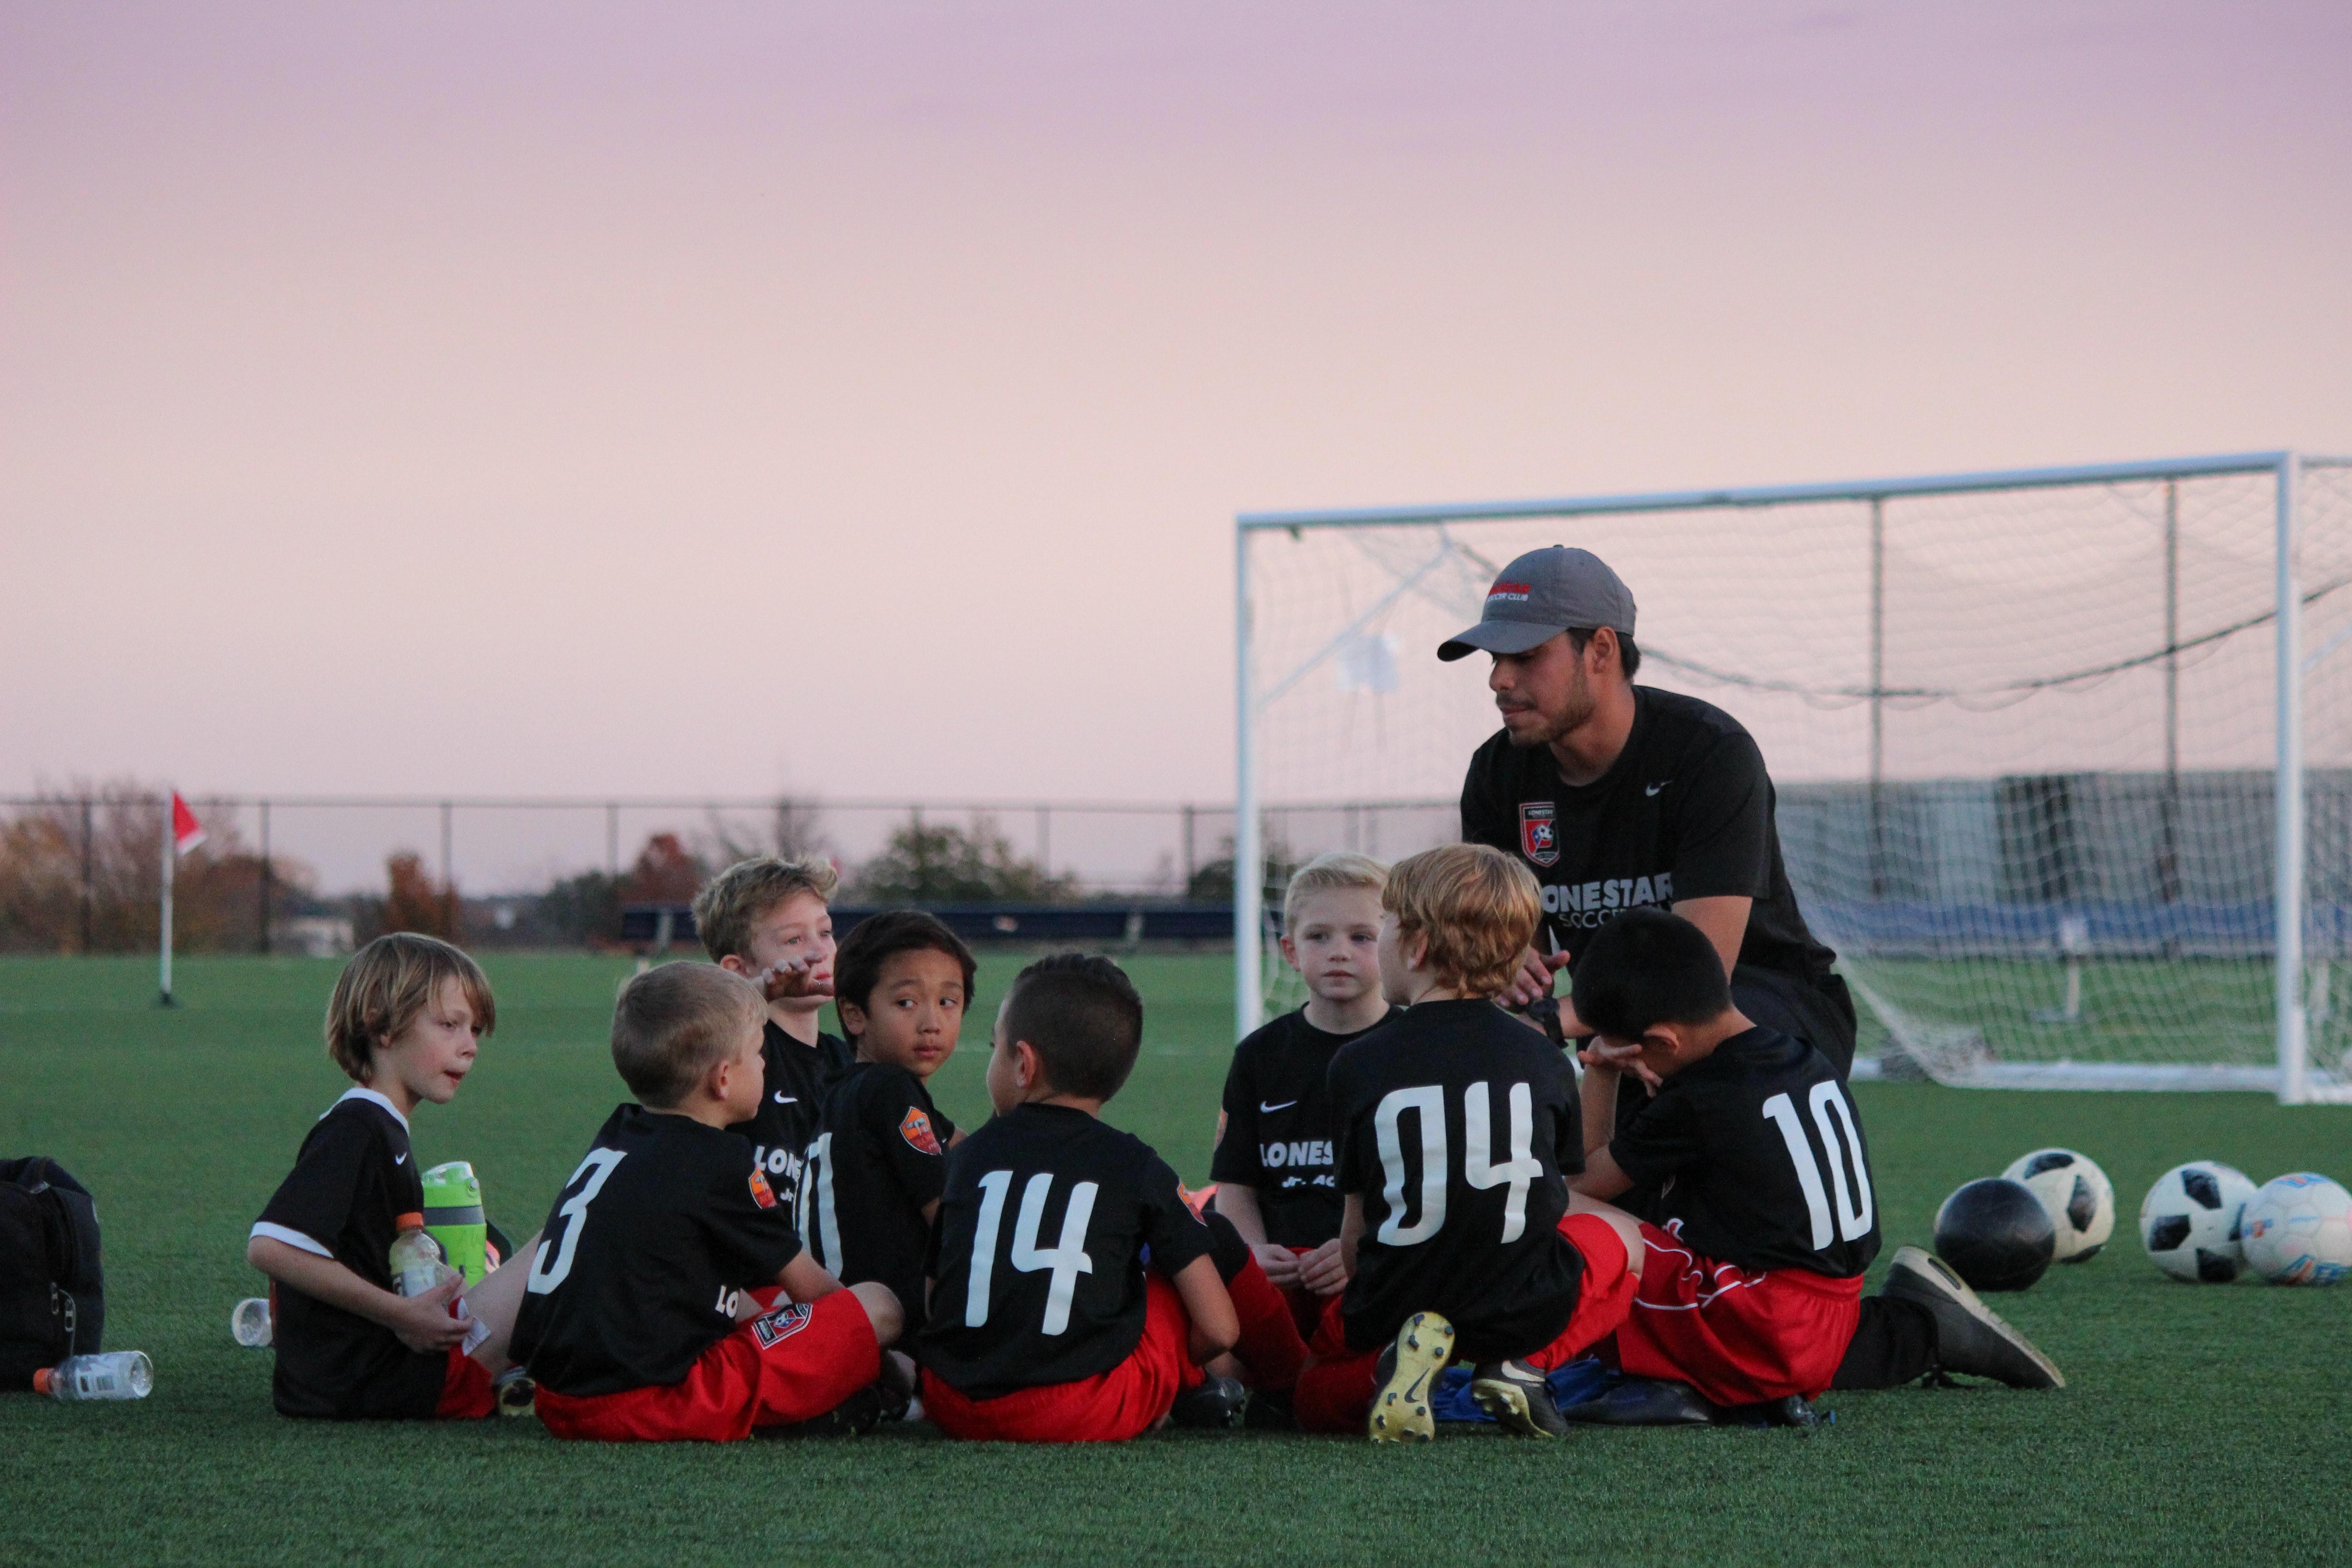 Blogginlägget handlar om vikten av att ha avslutande samlingar då man utvärderar träningen, reflekterar över det som hände och lyfter det man gjorde bra. Därför passar det bra att inkludera en bild på en grupp barn som sitter i en grupp och pratar med deras fotbollstränare på en fotbollsplan.